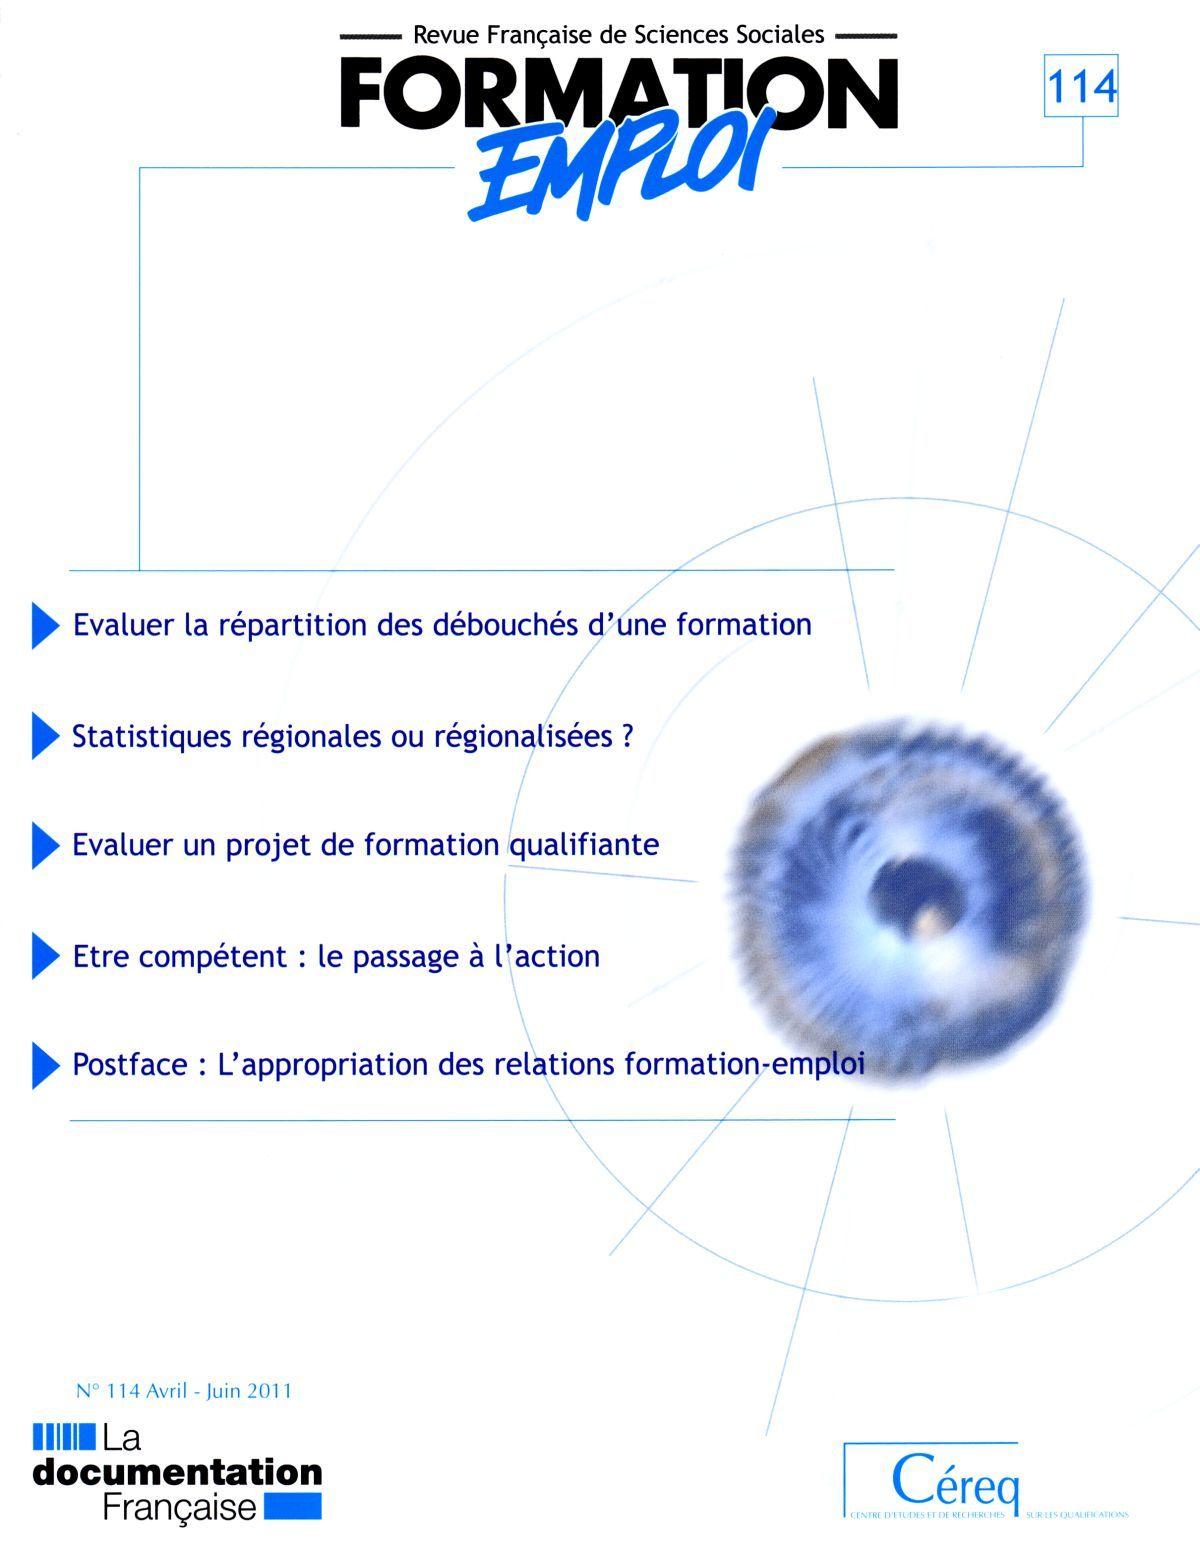 EVALUER LA REPARTITION DES DEBOUCHES D'UNE FORMATION N 114 AVRIL-JUIN 2011